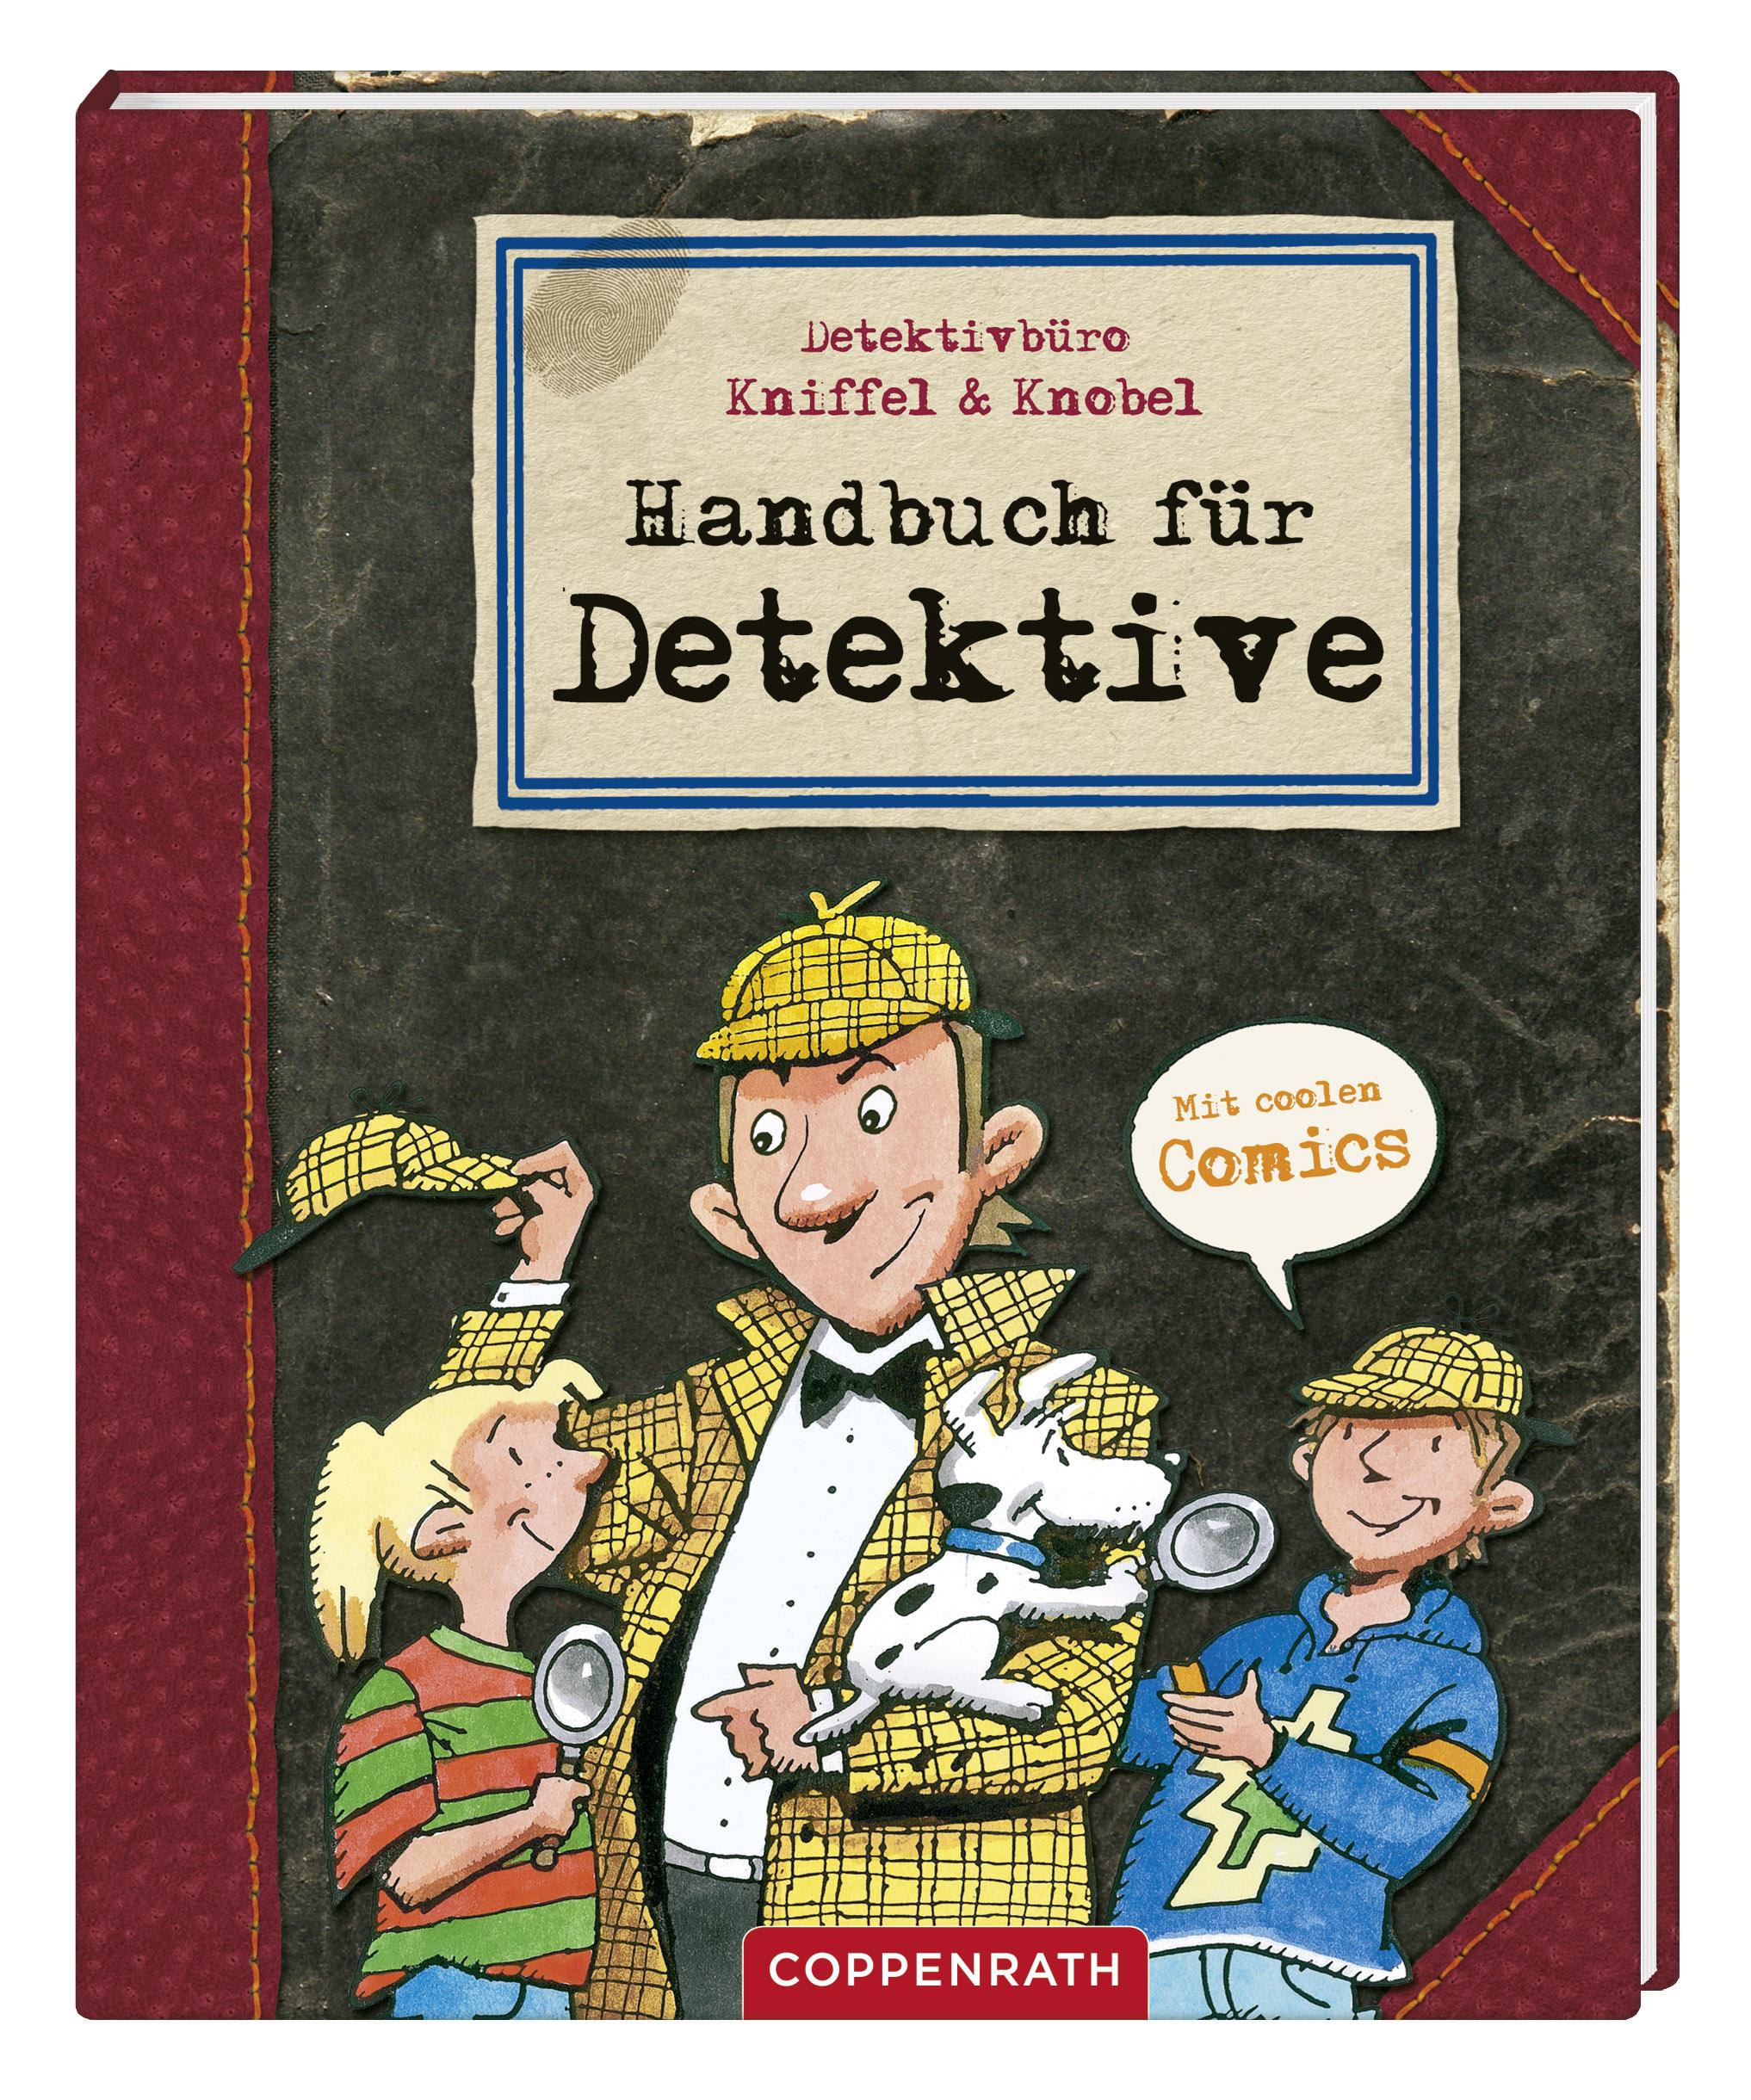 Detektivbüro Kniffel & Knobel: Handbuch für Detektive